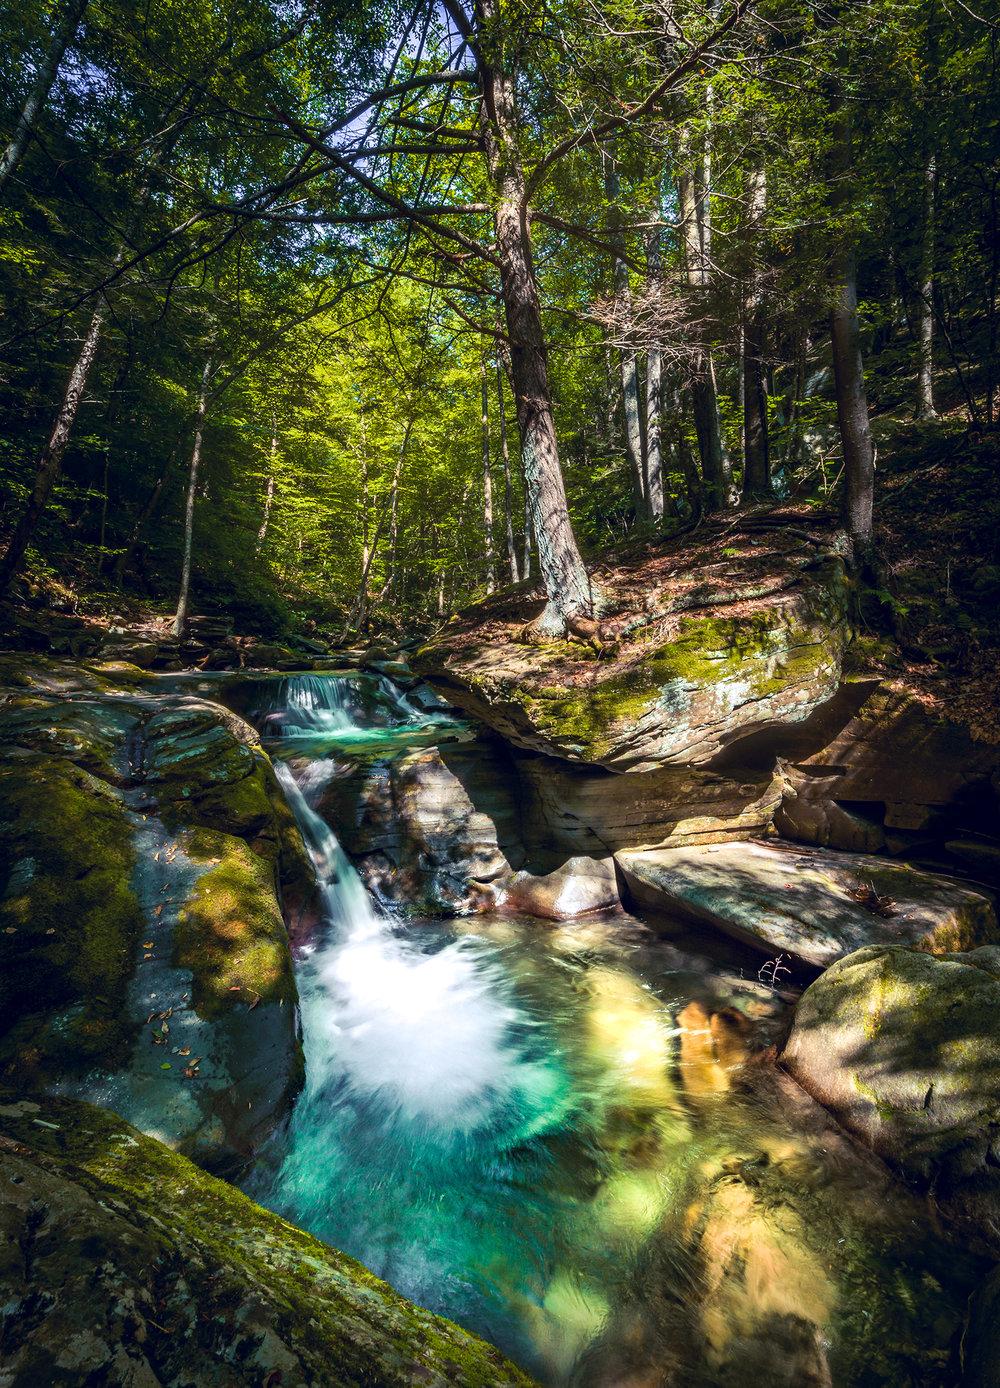 catskills_small_waterfall.jpg